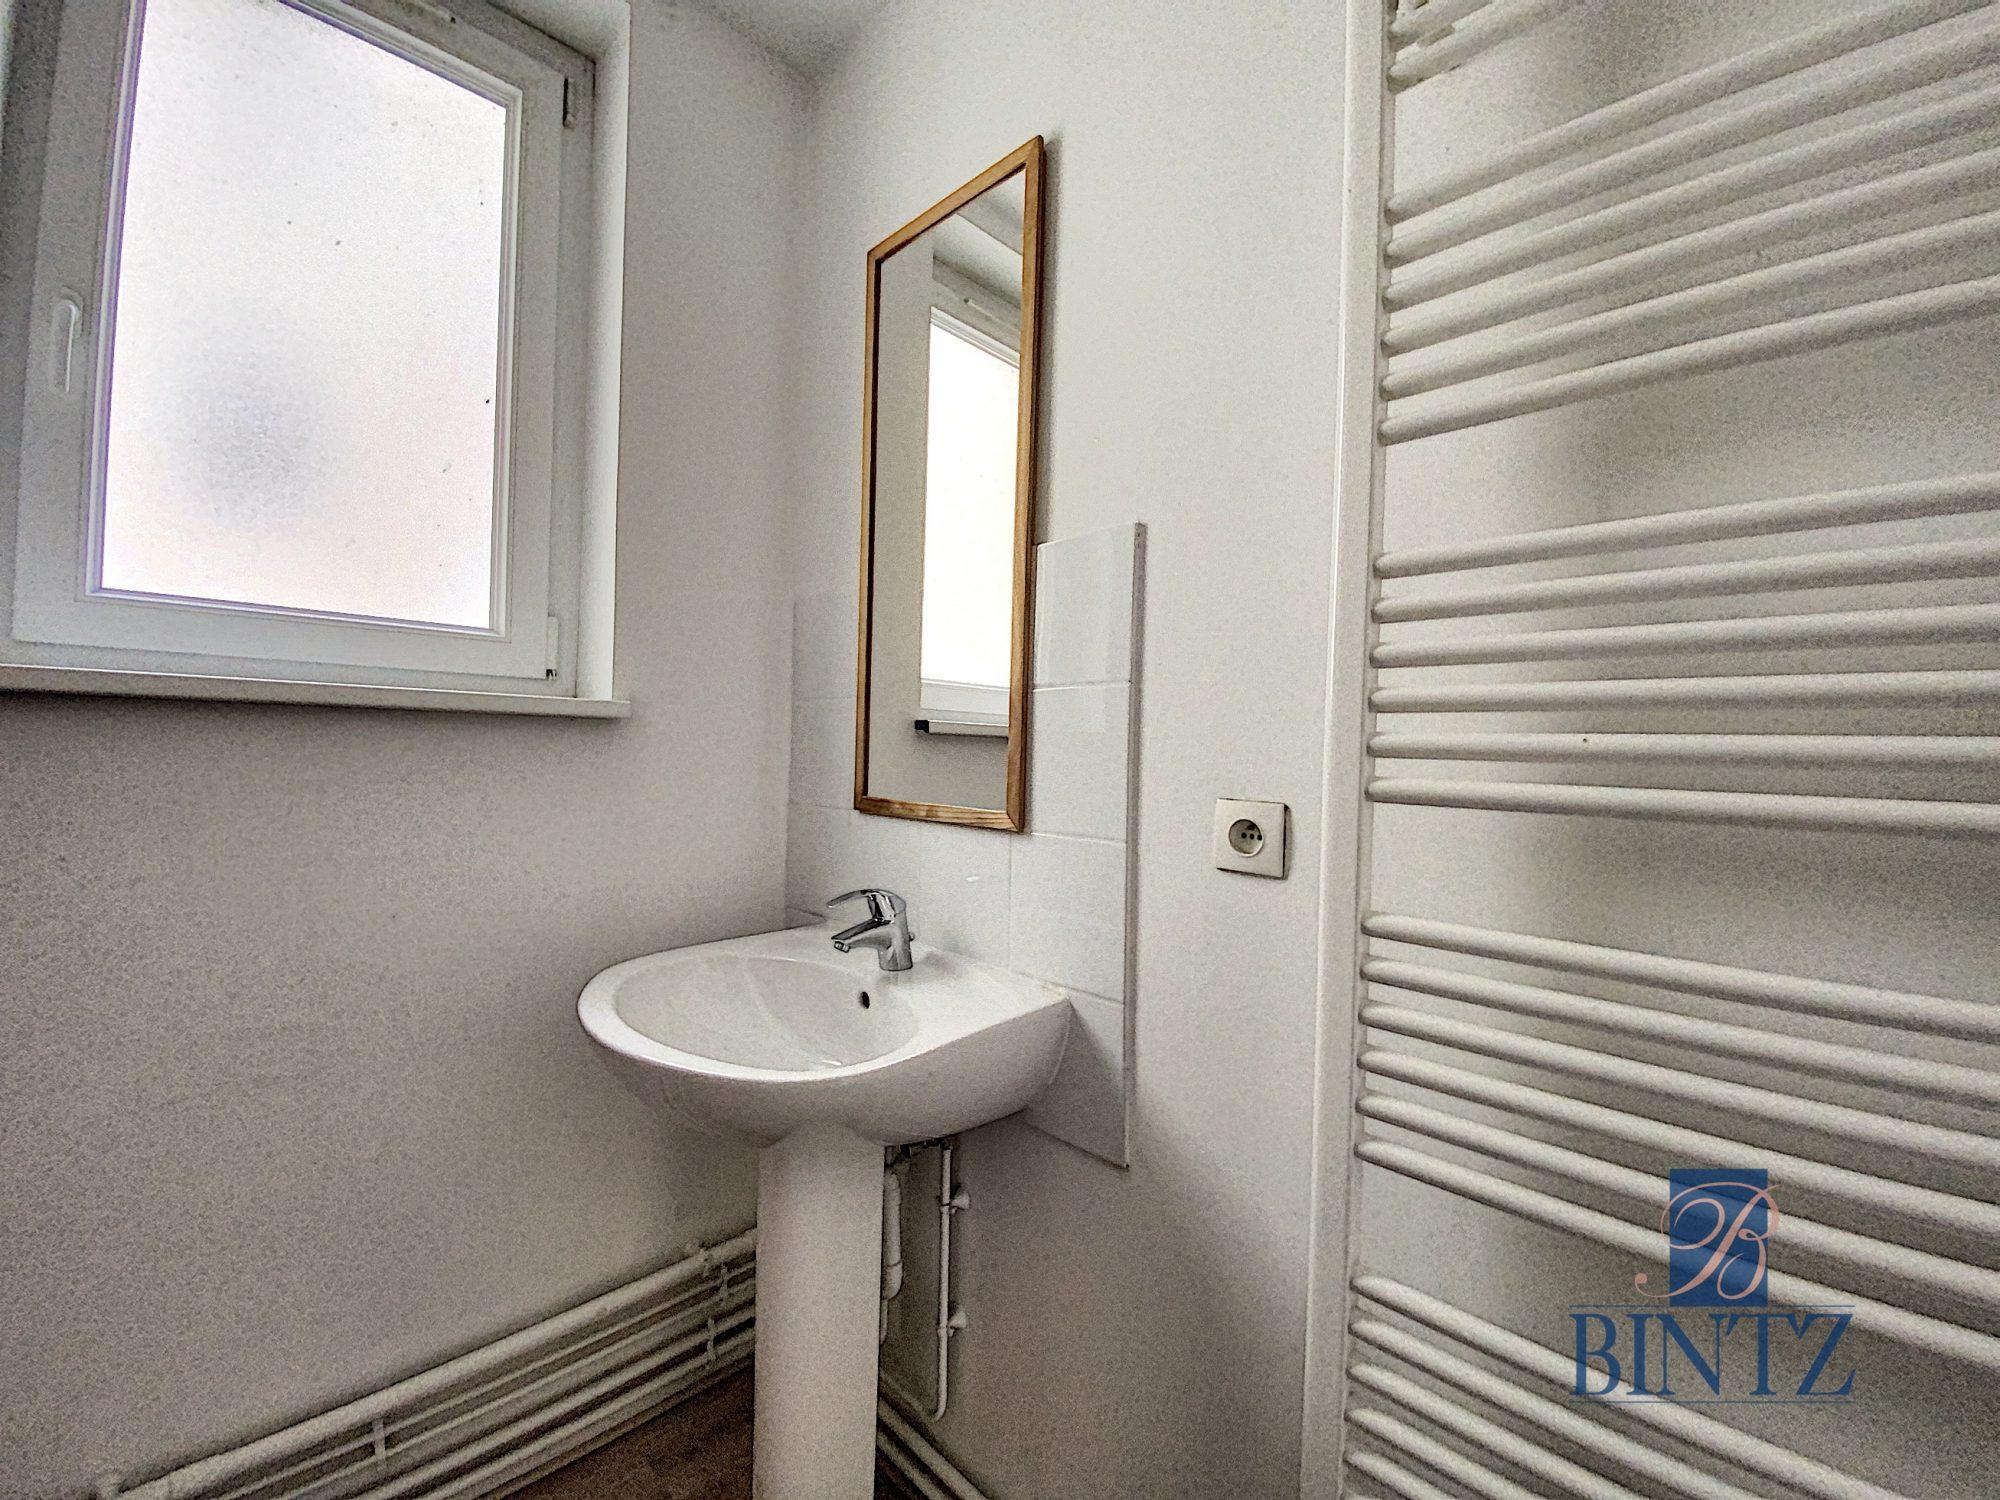 Plateau commercial à Louer Centre-ville - Devenez locataire en toute sérénité - Bintz Immobilier - 9